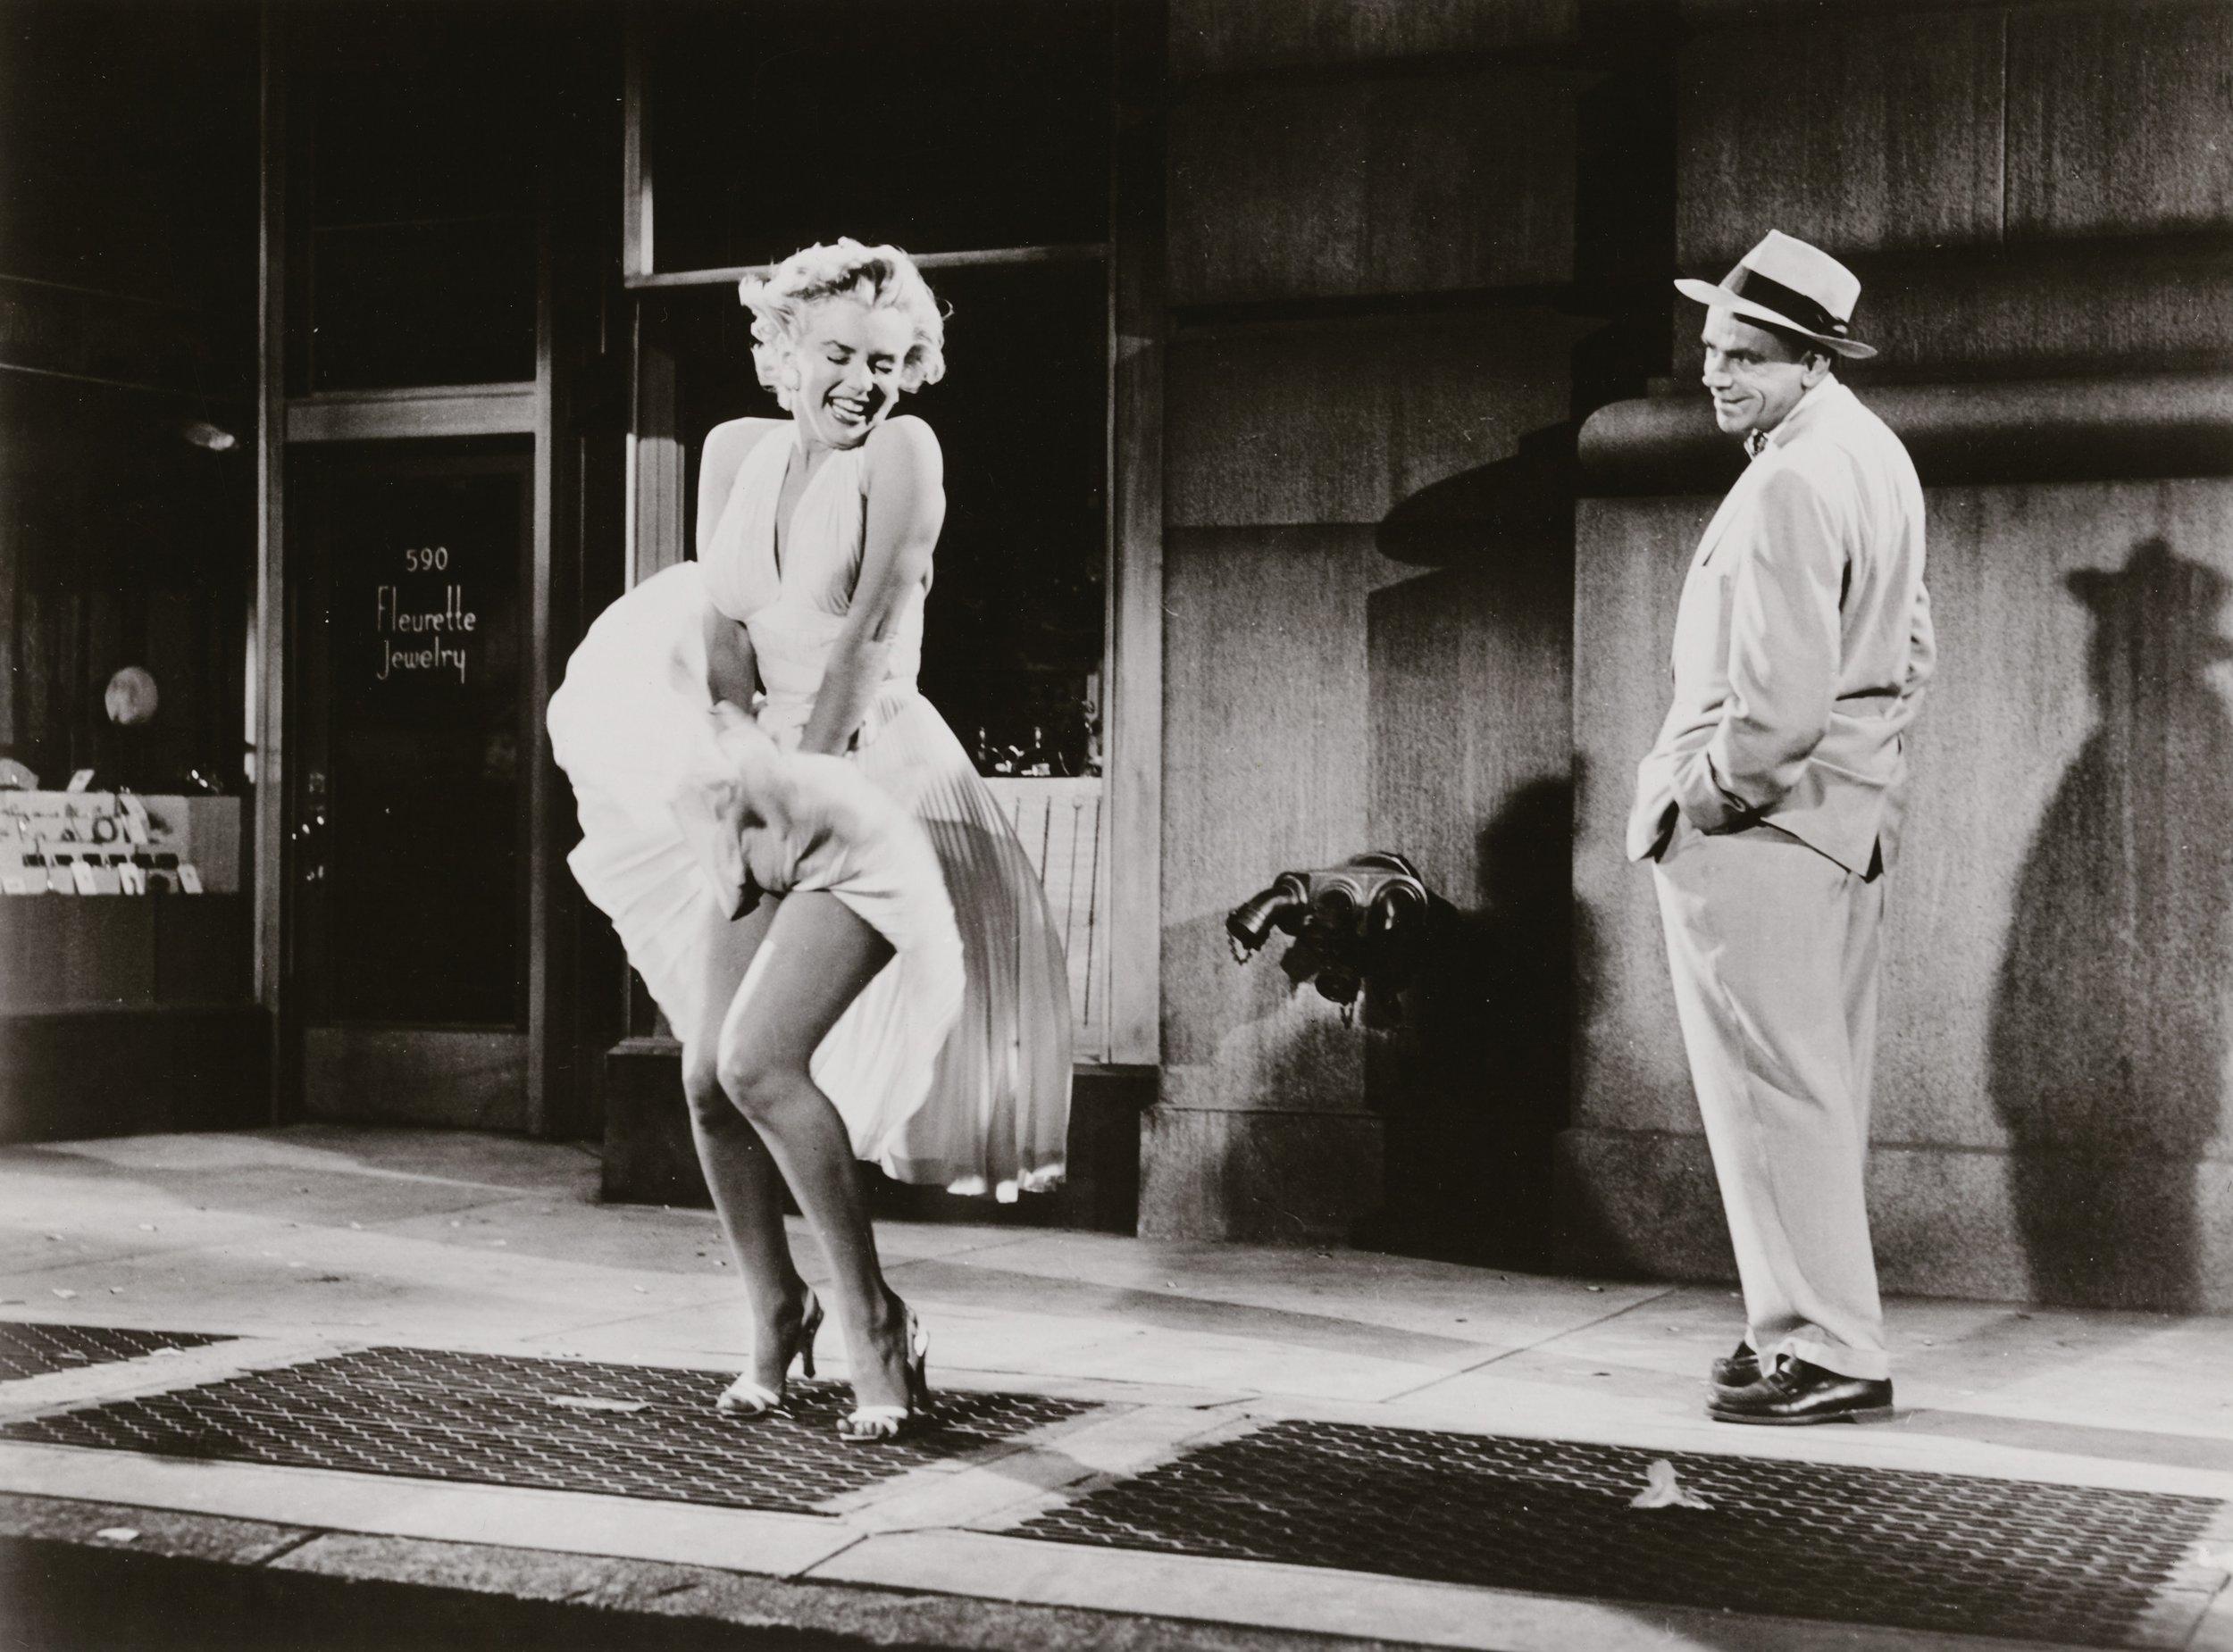 Sam Shaw Marilyn Monroe und Tom Ewell in Das verflixte siebente Jahr, Regie: Billy Wilder, 1954 C. Sam Shaw Inc.- licensed by Shaw Family Archives, Privatsammlung